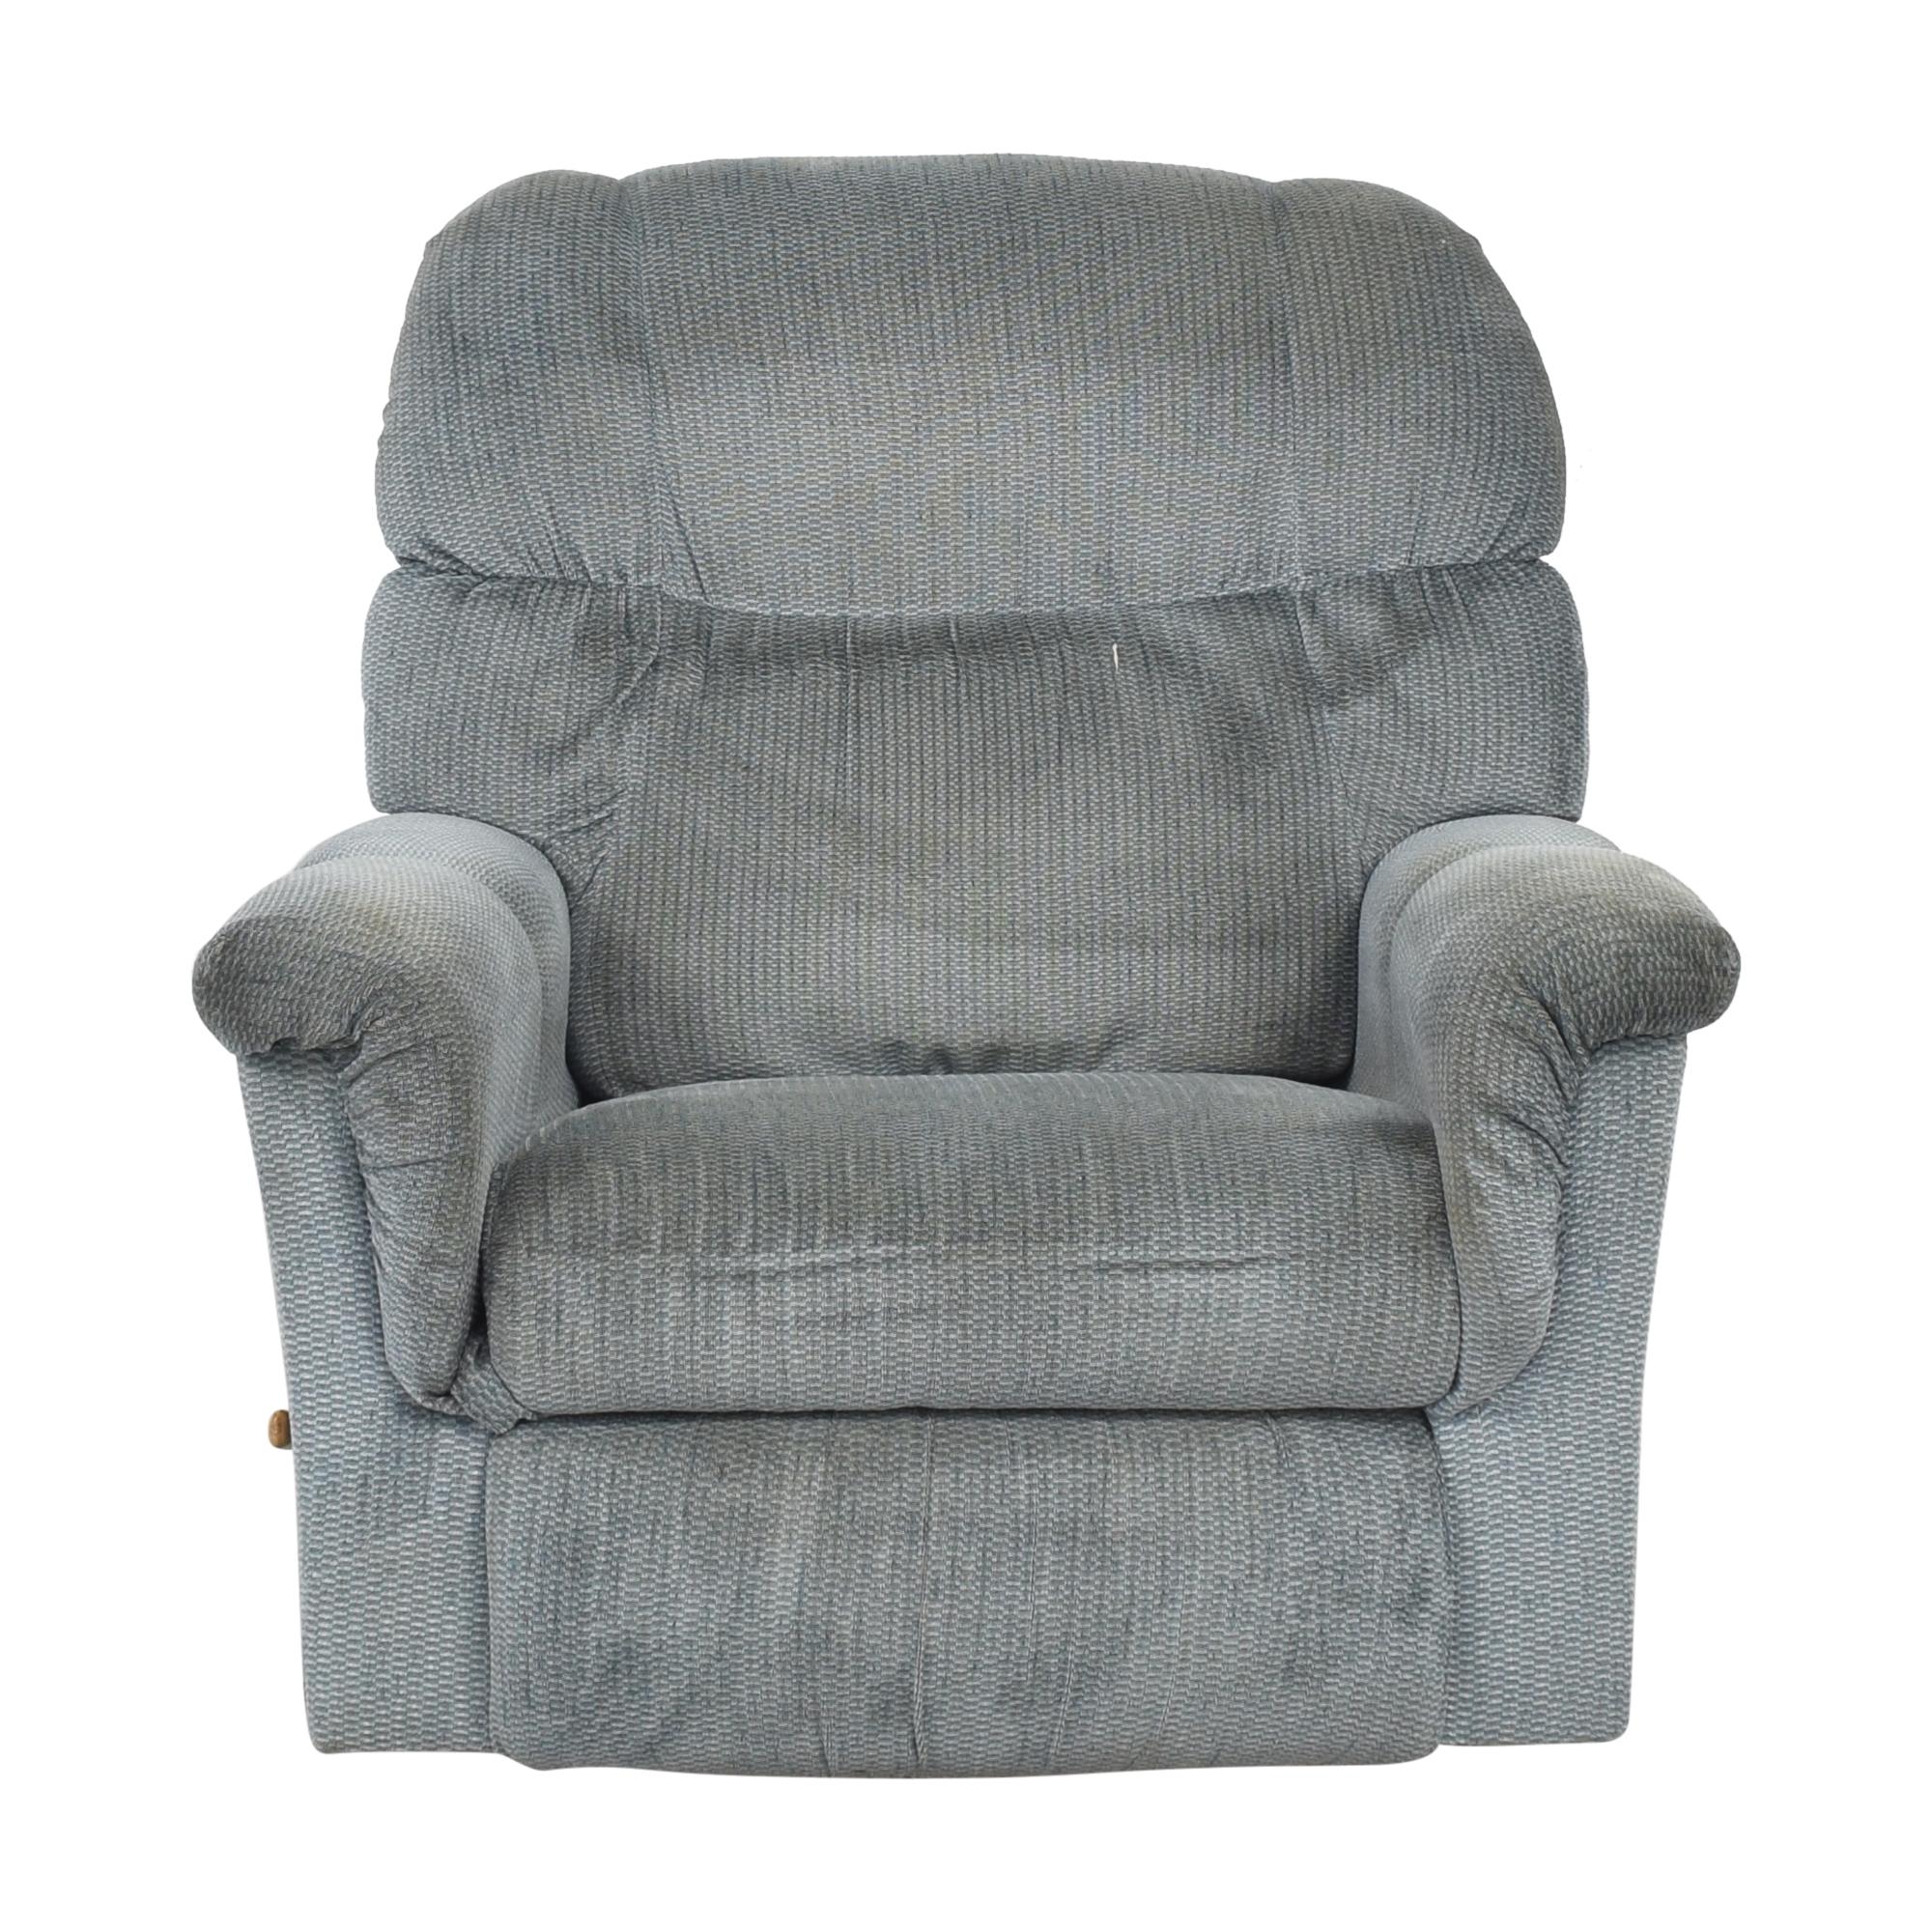 La-Z-Boy La-Z-Boy Rocker Recliner Chairs